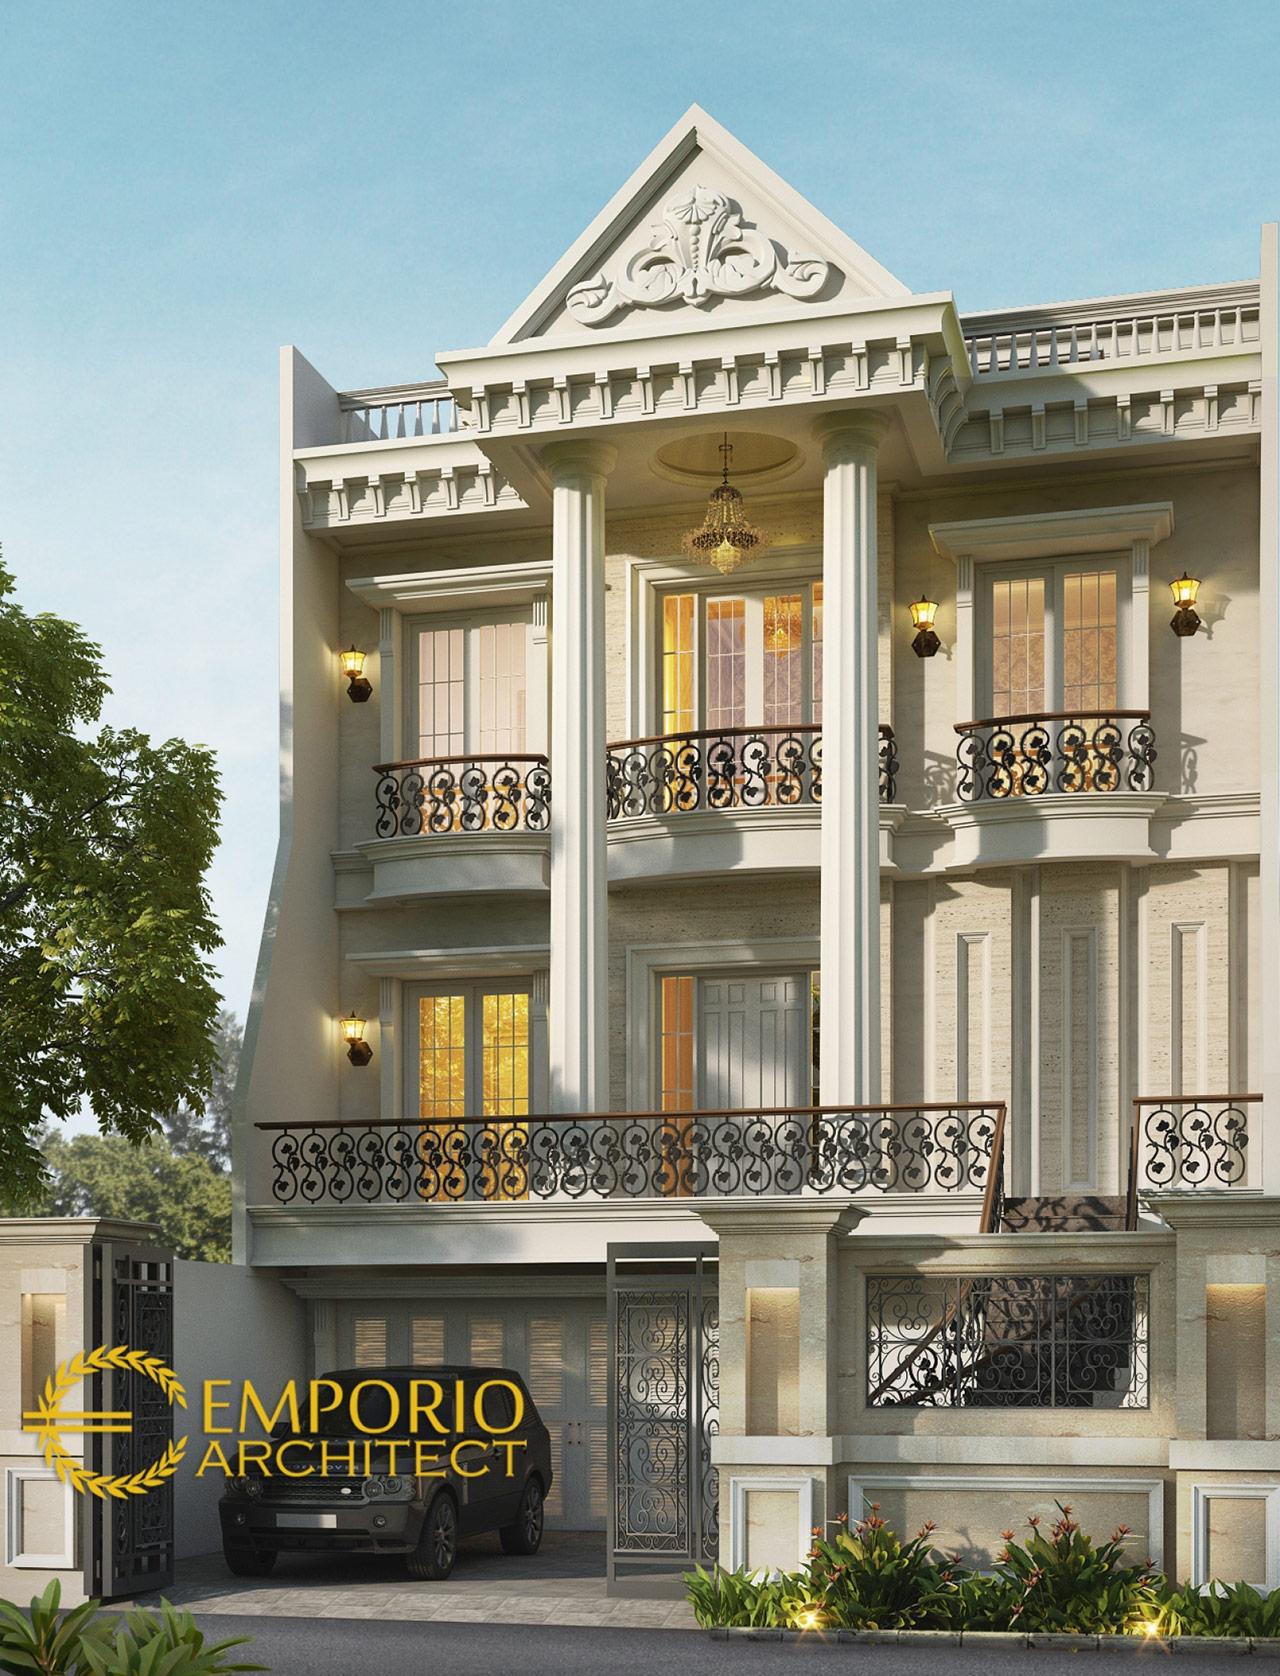 Gallery Desain 10 Desain Rumah 2 Sampai 3 Lantai Terbaik ...